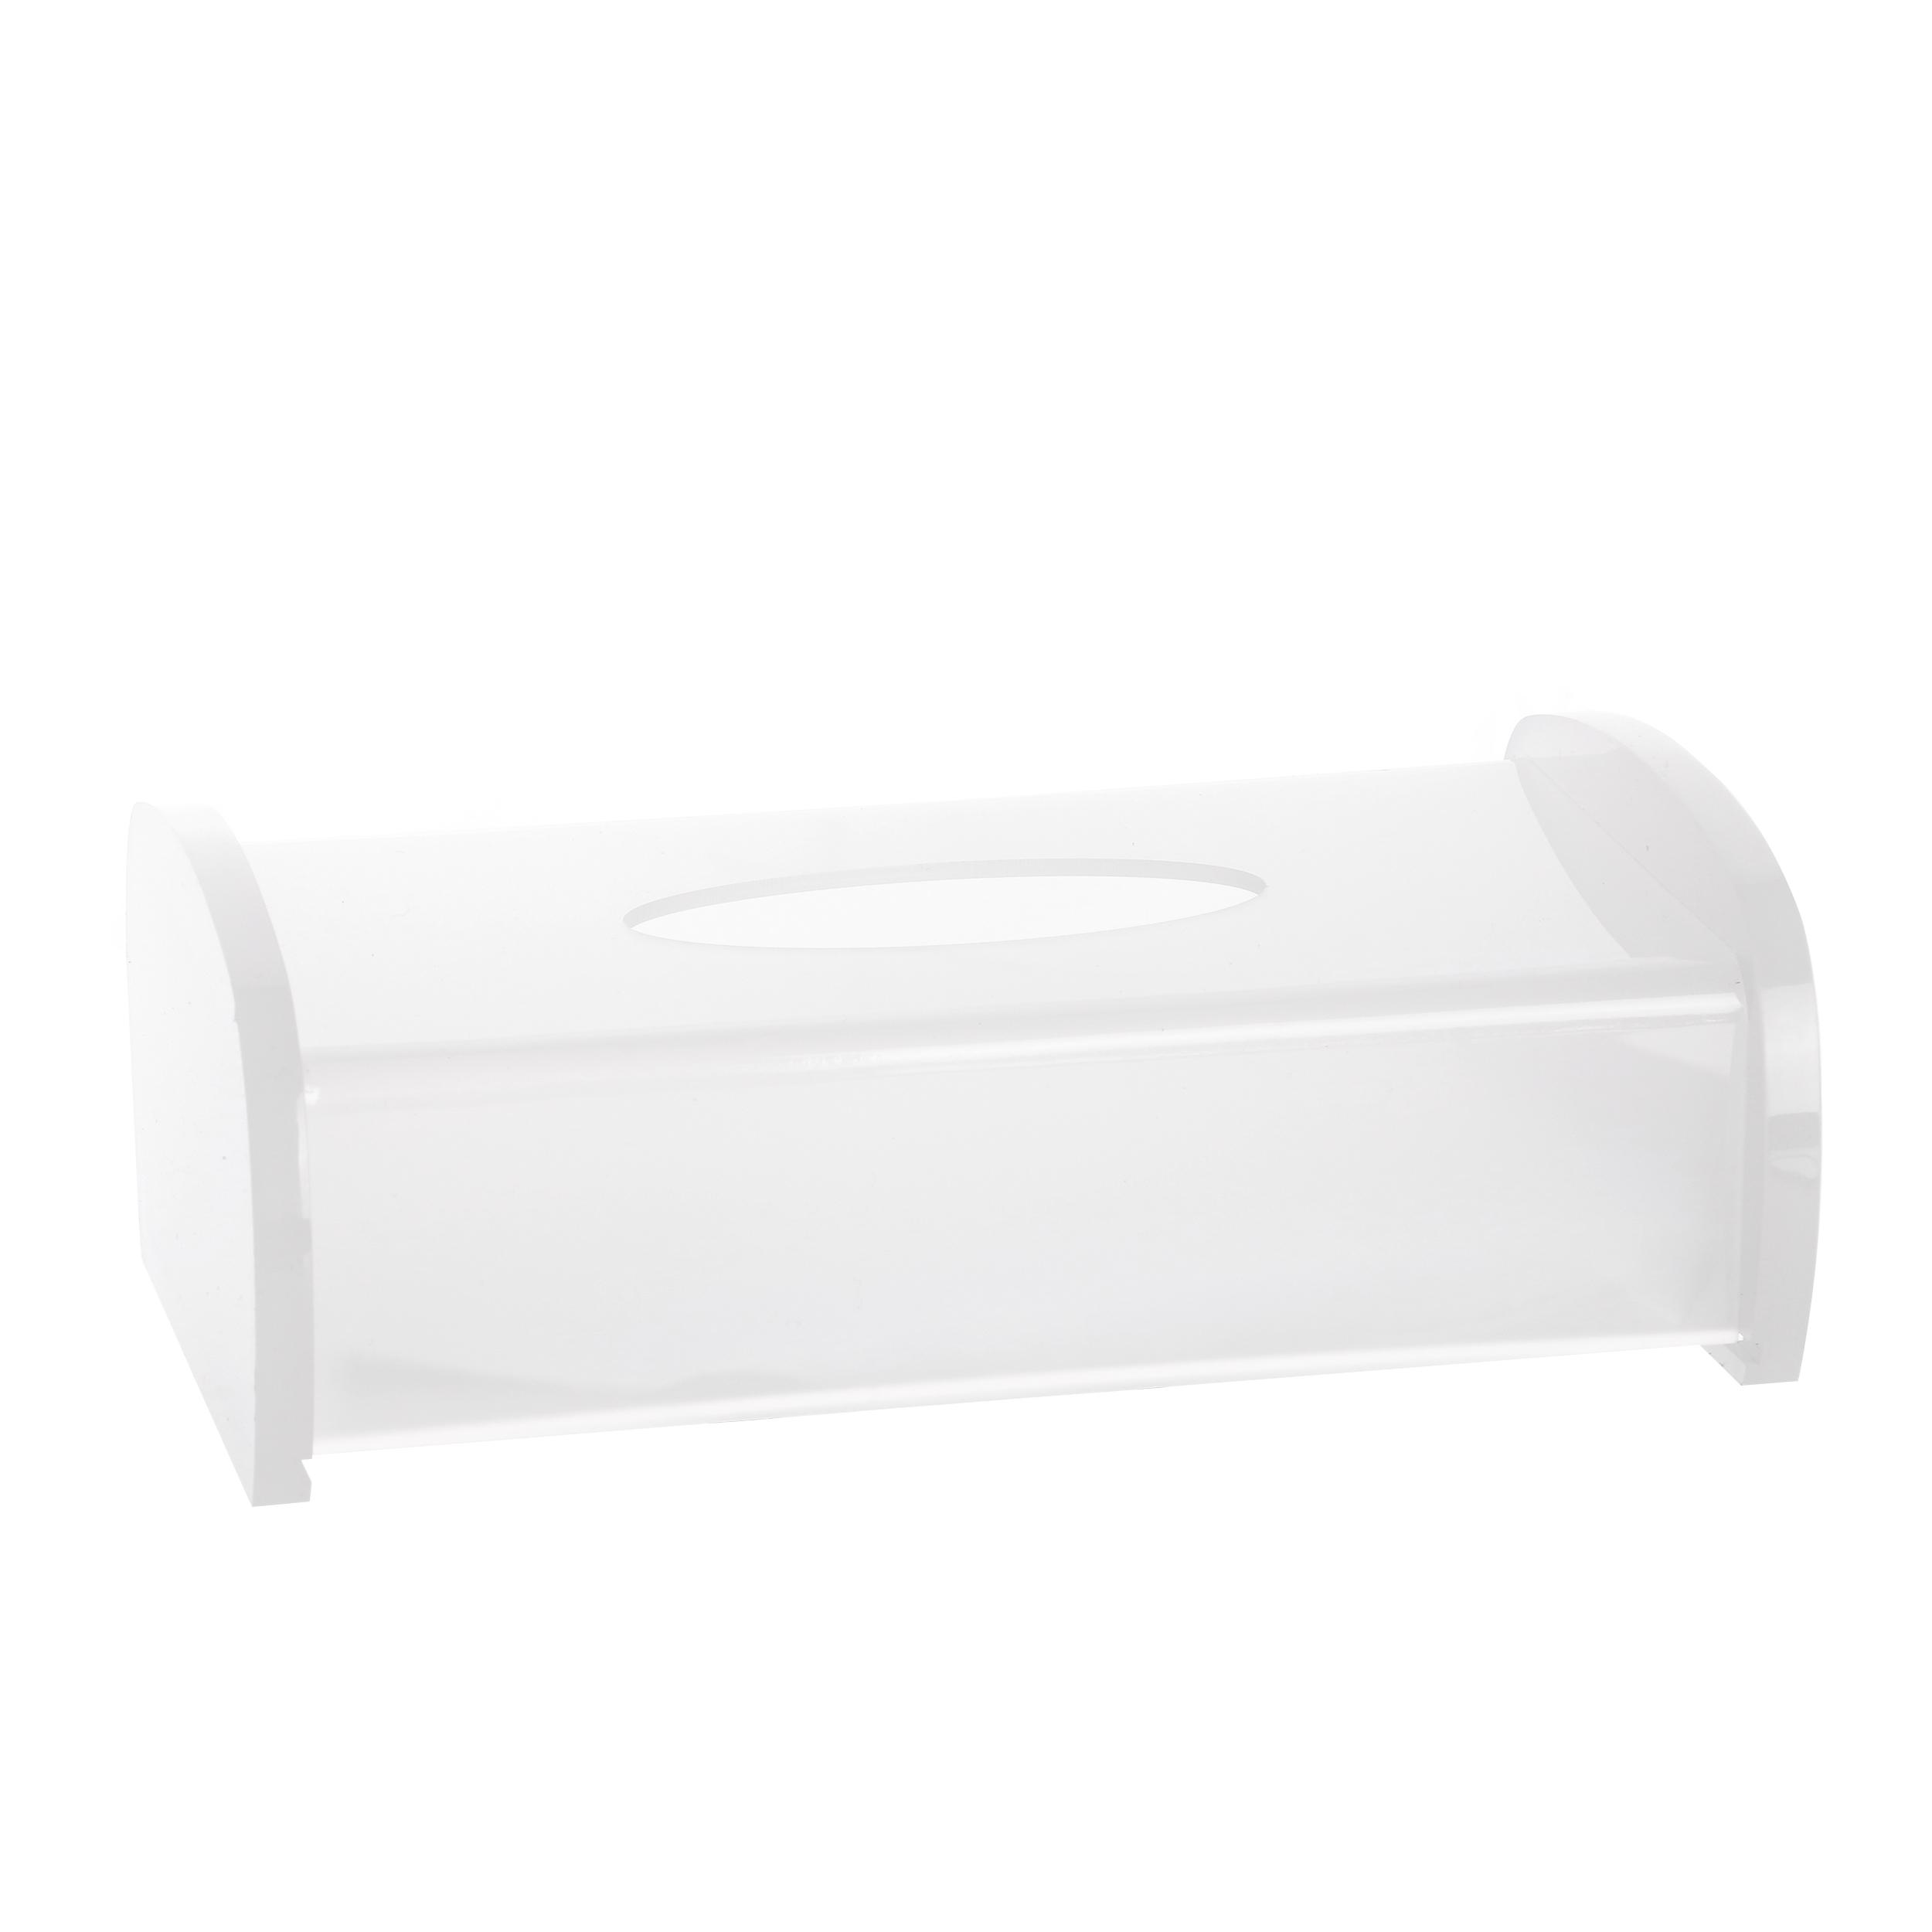 جای دستمال کاغذی مدل AR 4588100ِِDD